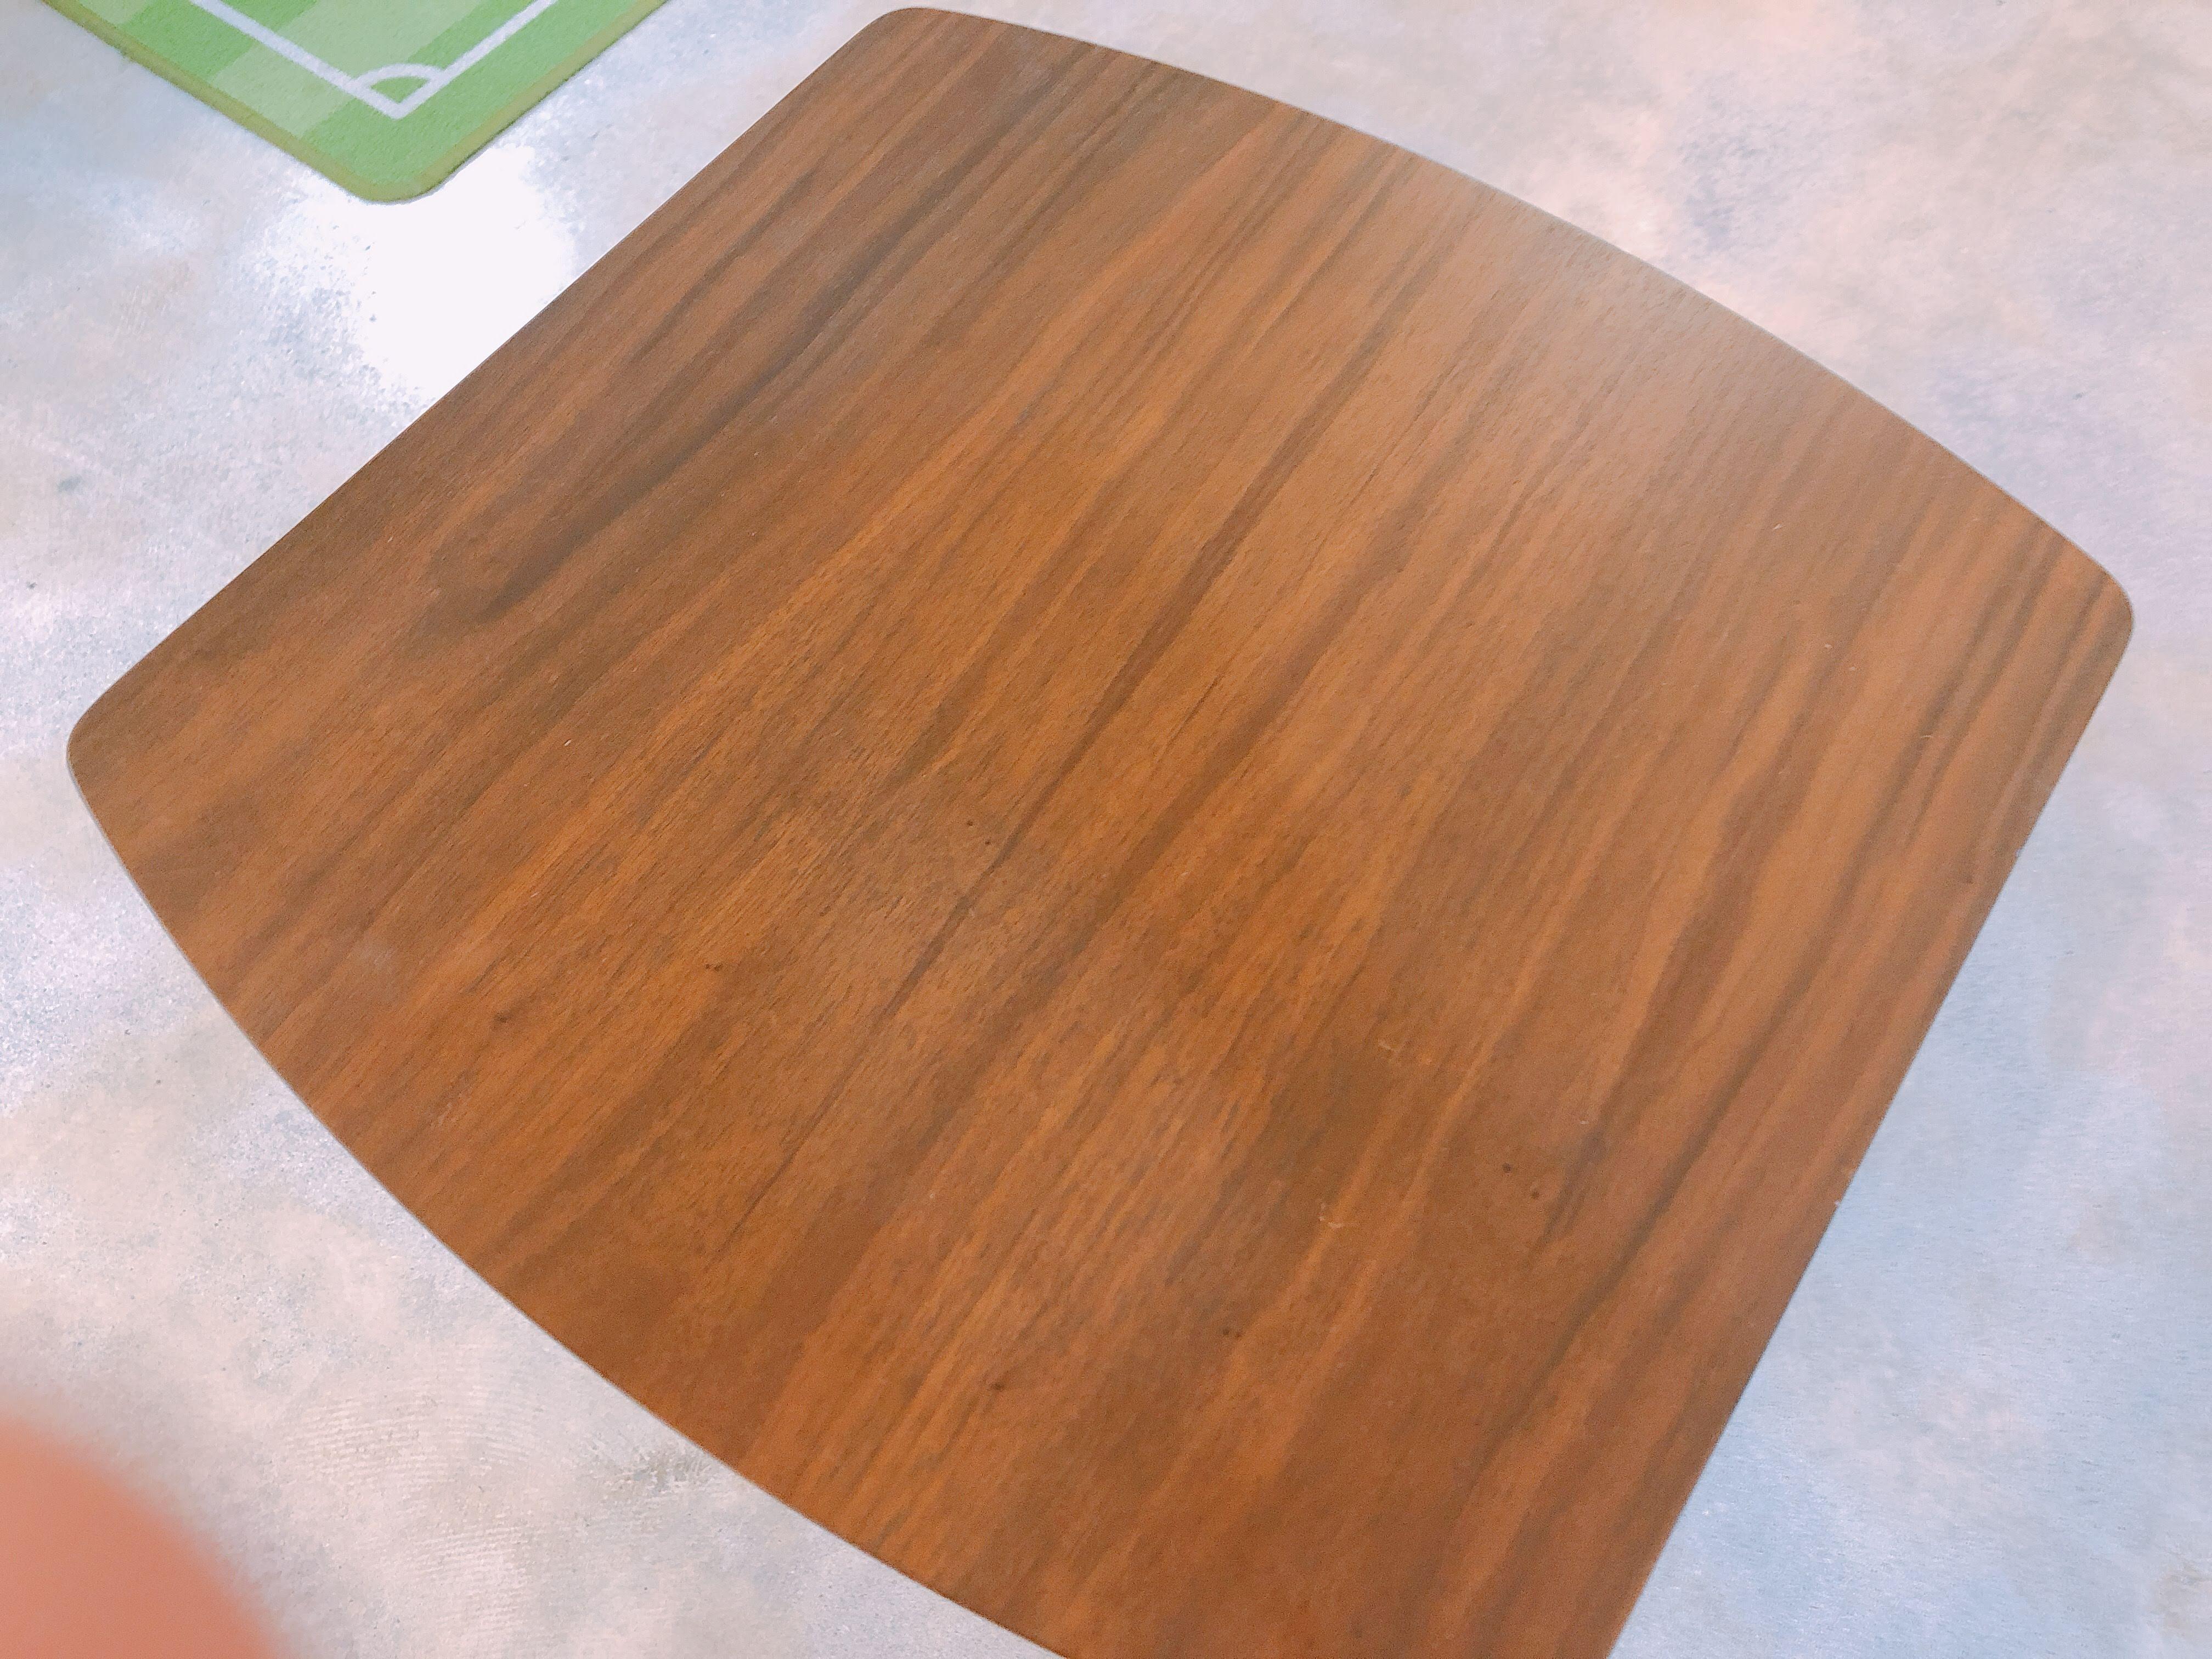 落ち着いたKDサイドテーブル 展示限り50%OFFの画像2